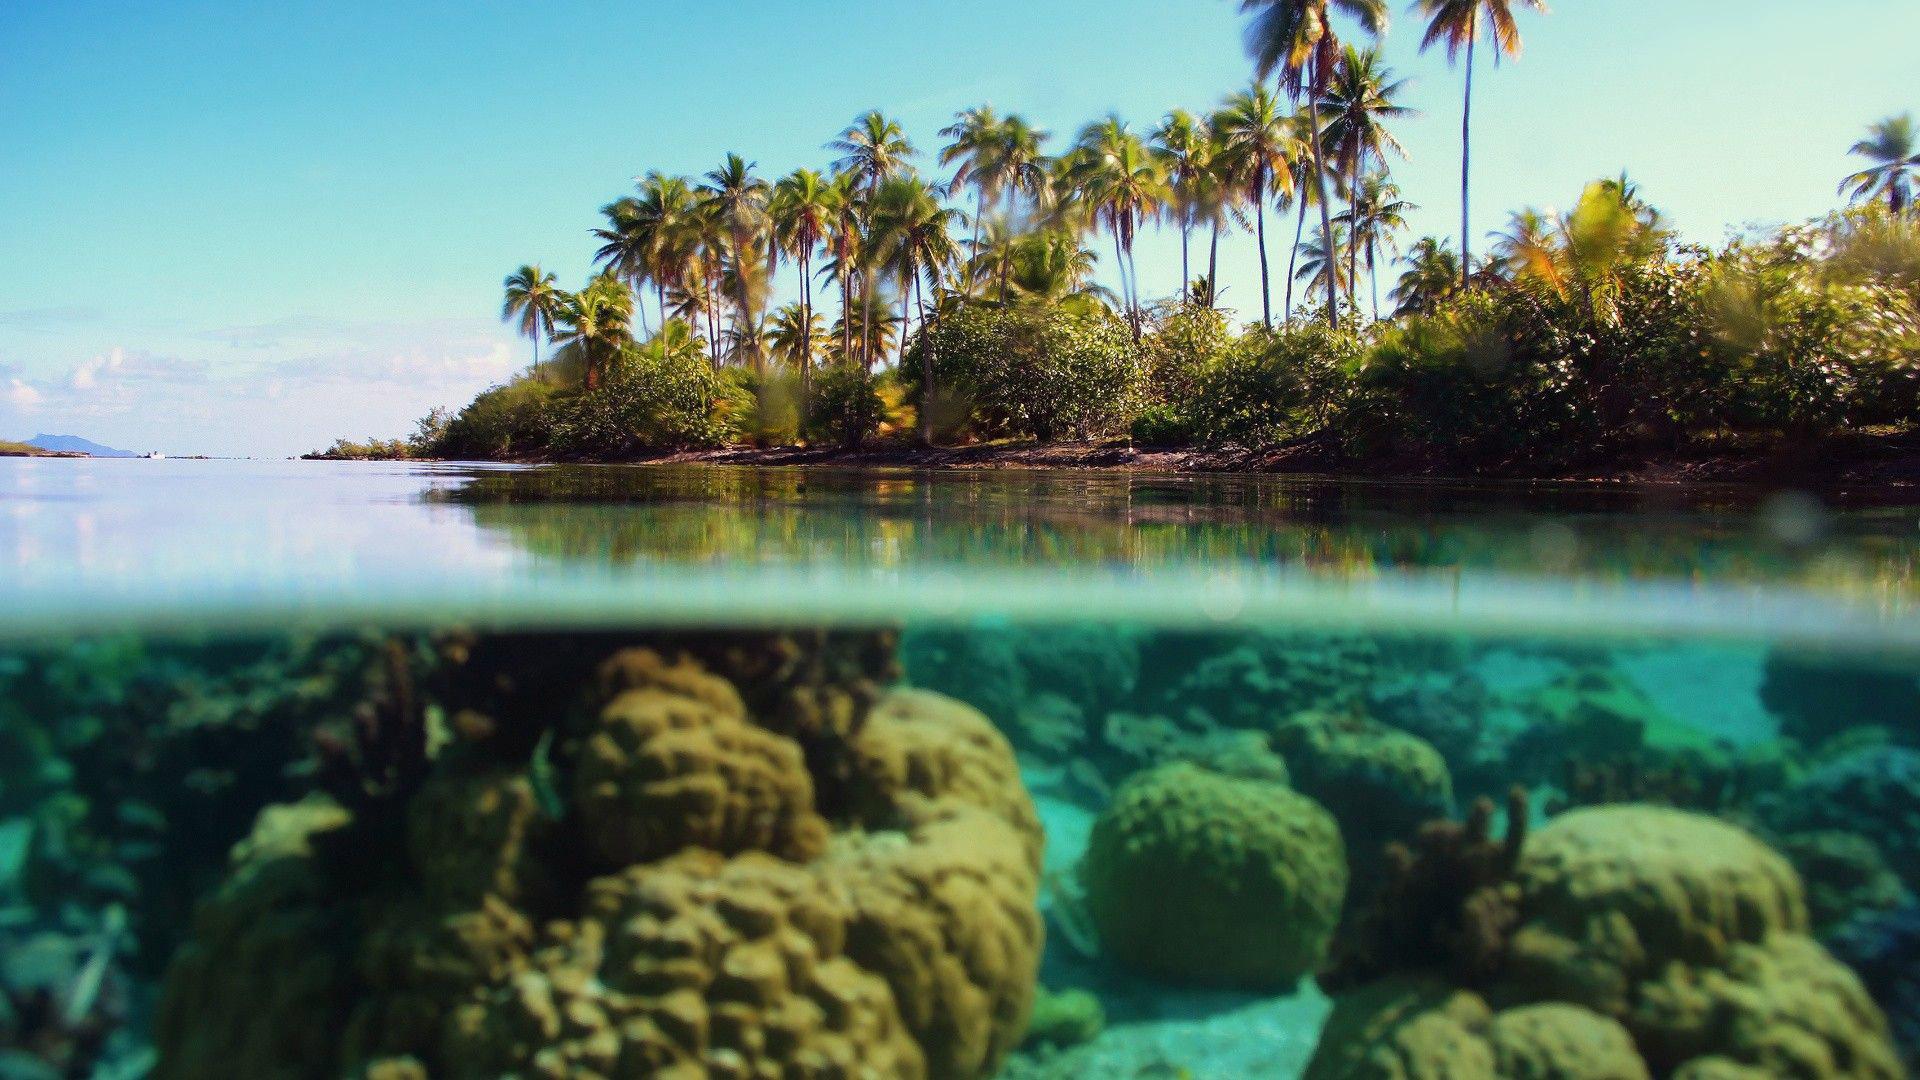 Paisagem Mar Praia E C 233 U Azul Papel De Parede Gr 225 Tis